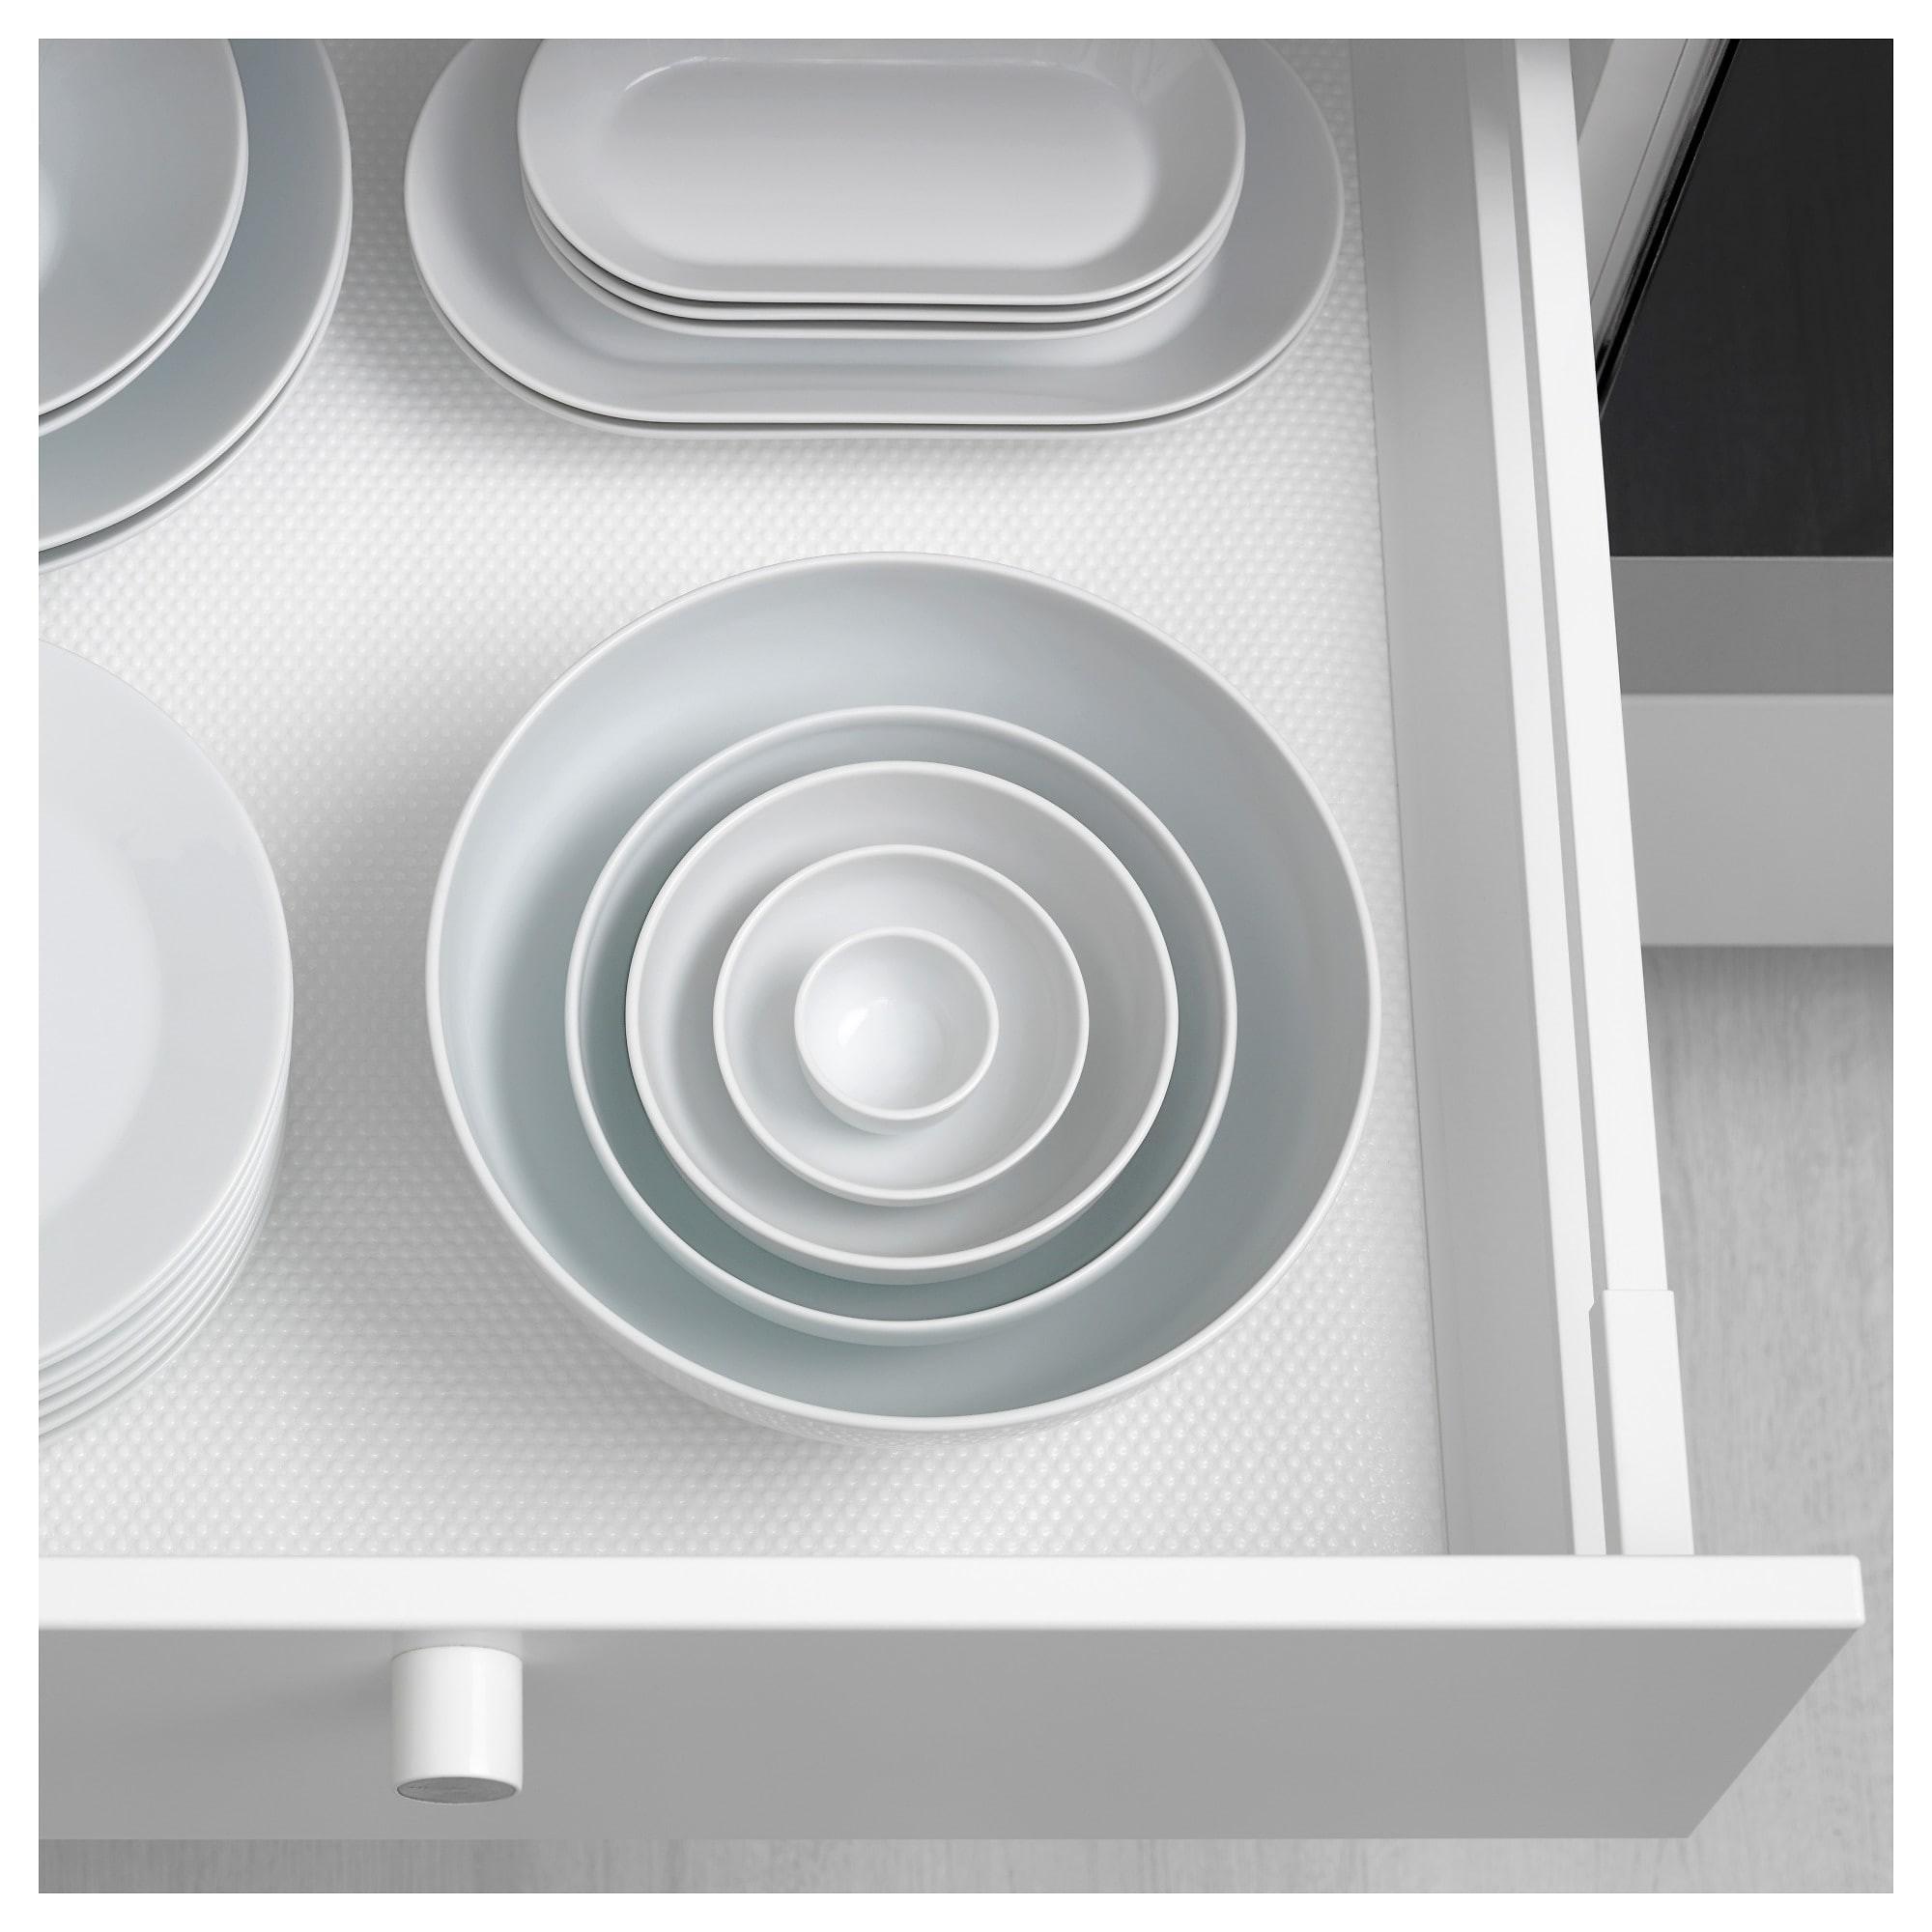 ИКЕА/365+ Миска с округлыми стенками белый,13 см